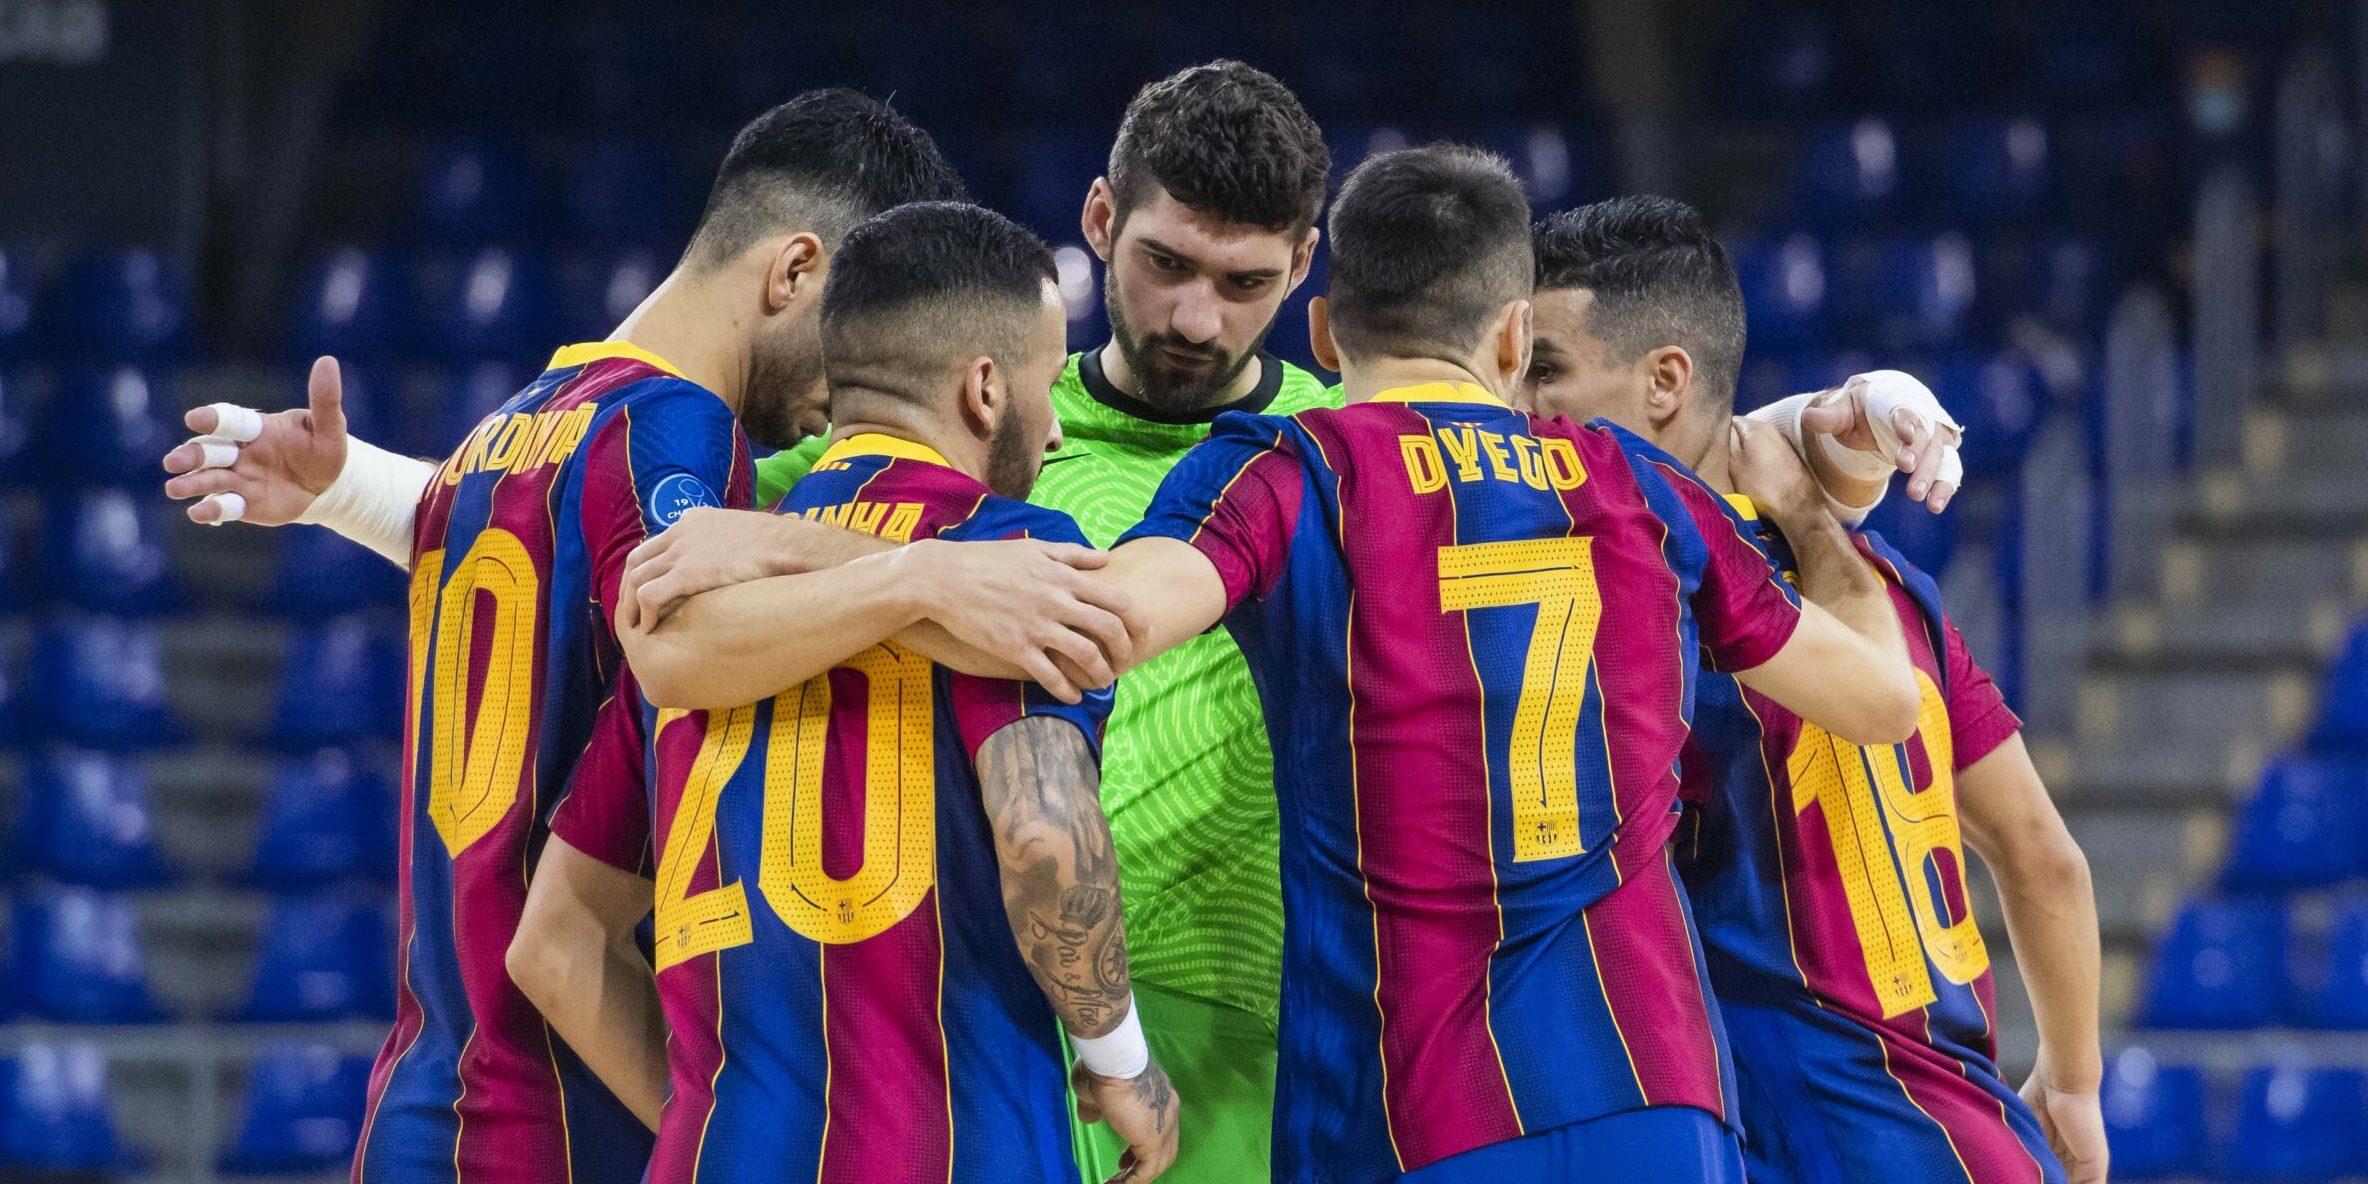 Els jugadors del Barça de futbol sala, abans d'un partit | FC Barcelona